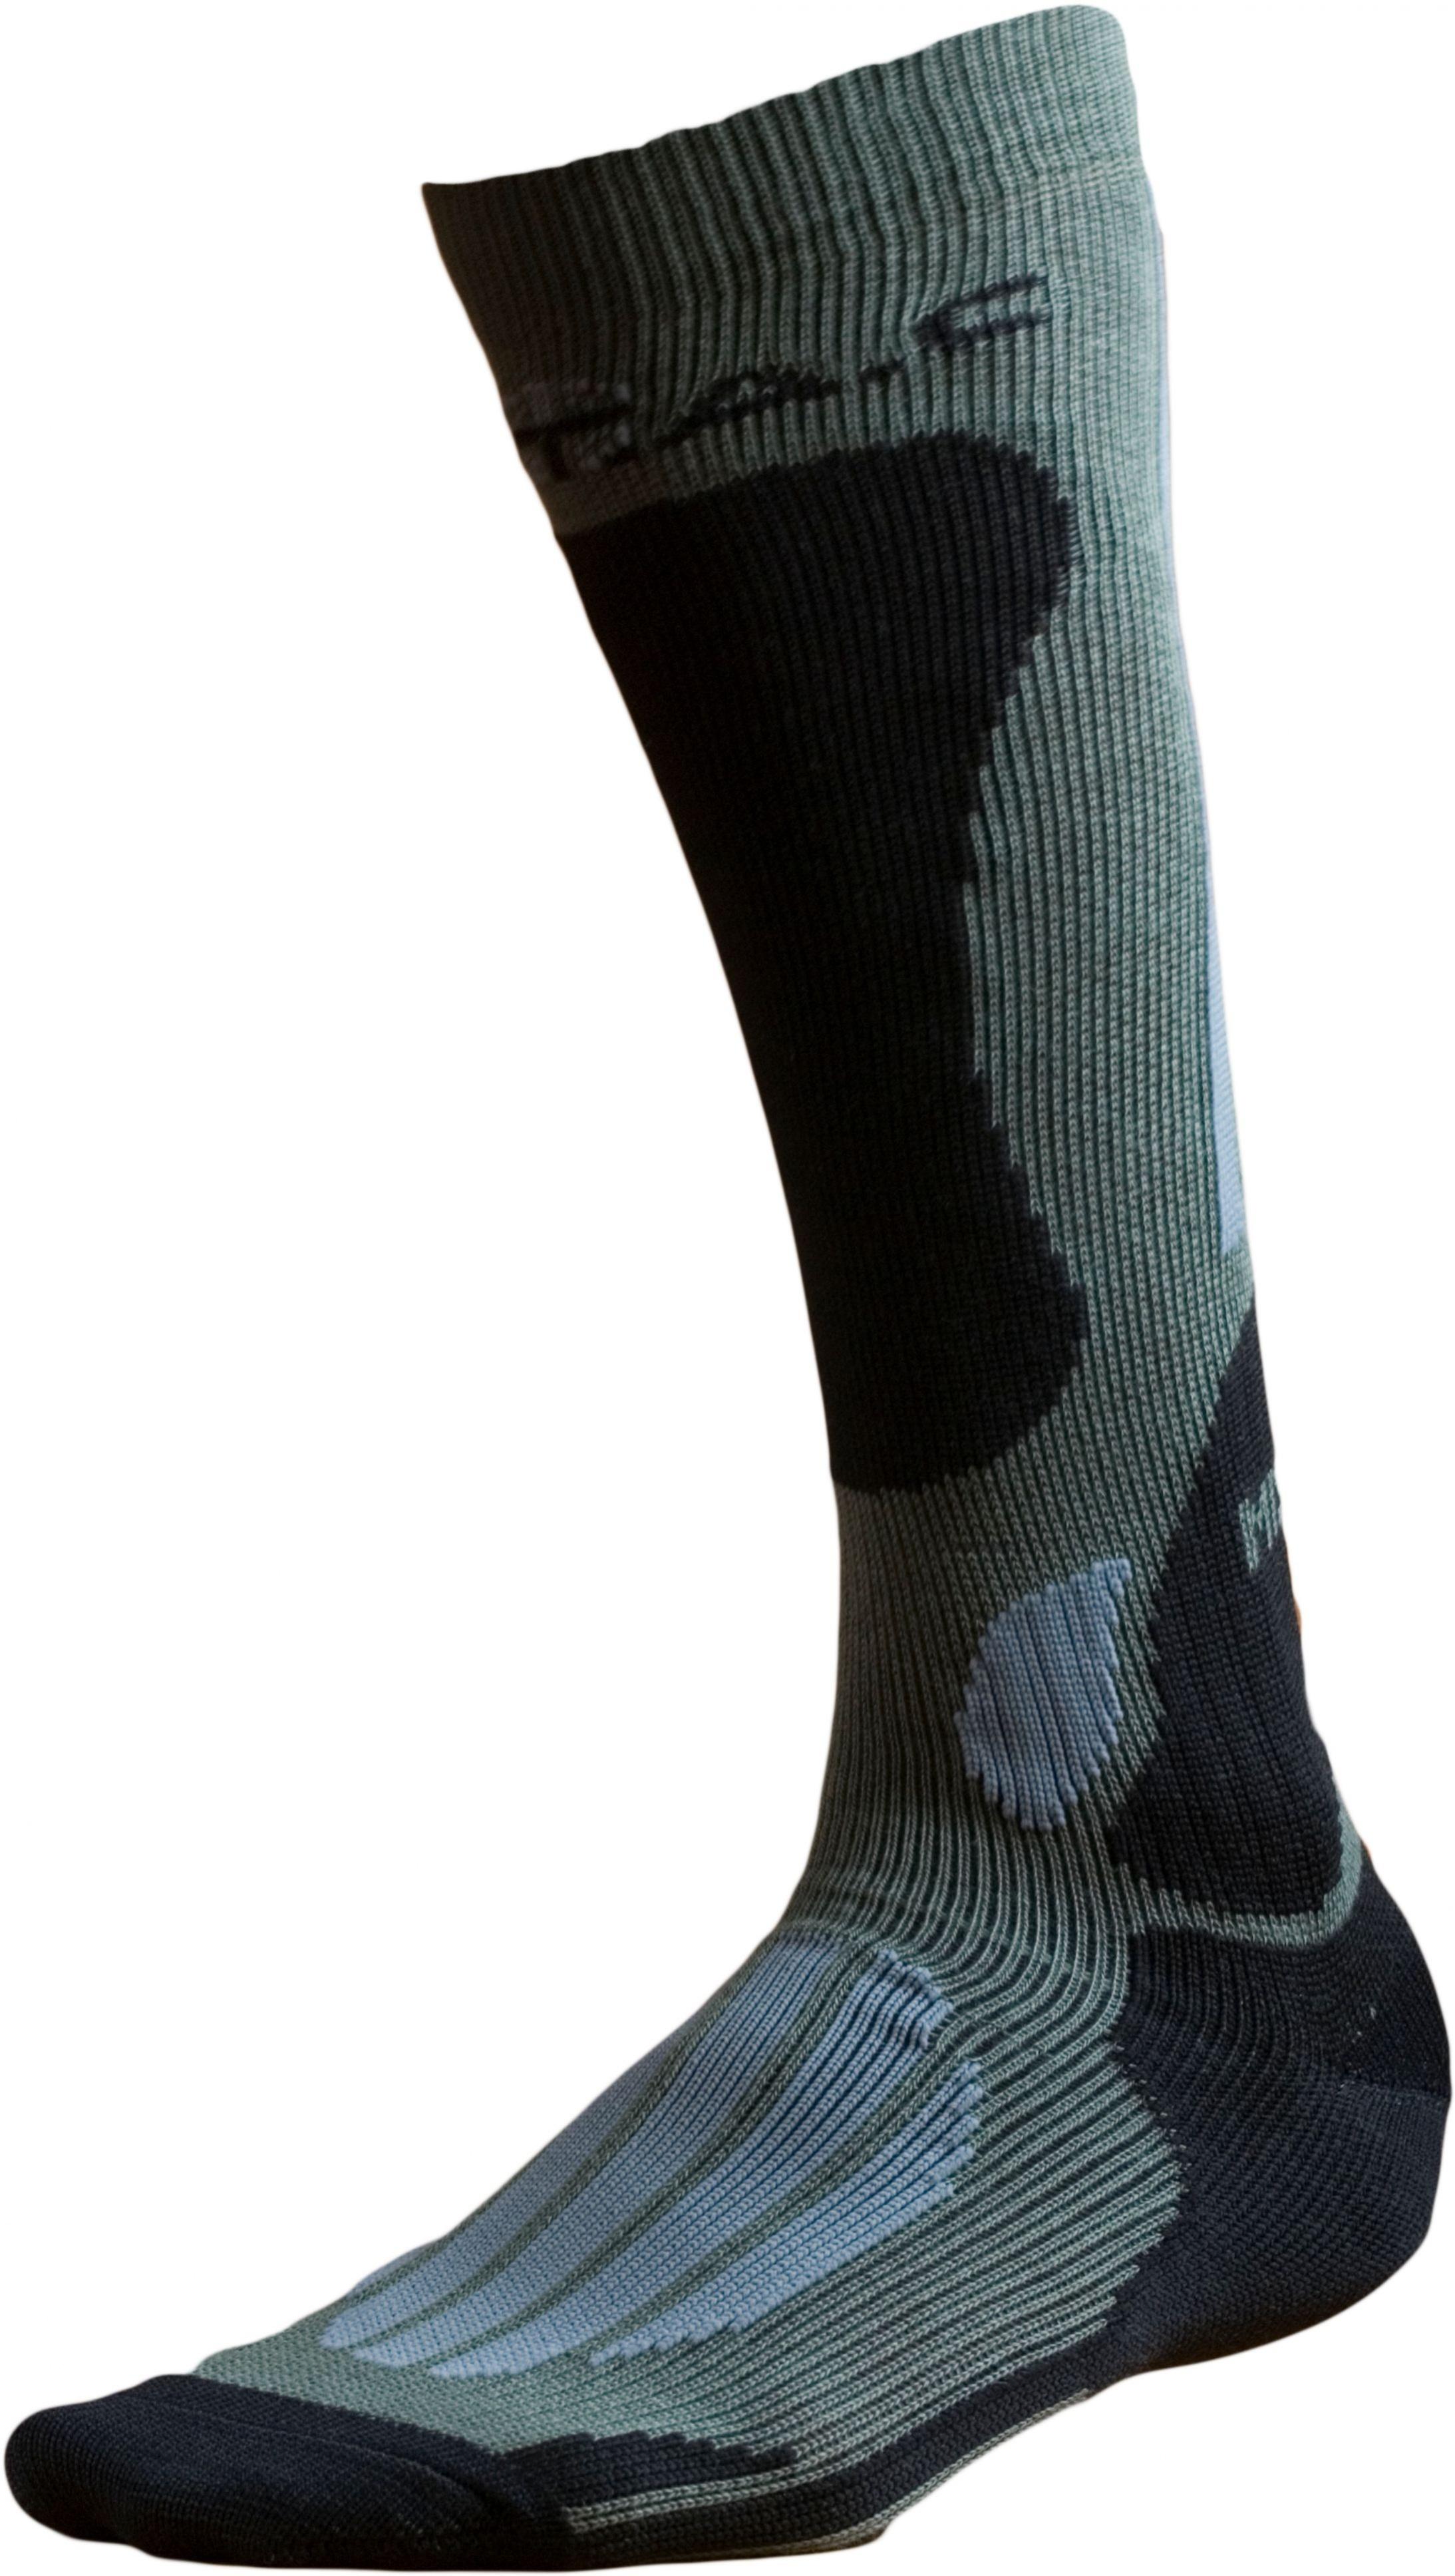 Ponožky BATAC Mission MI02 vel. 36-38 - olive/grey